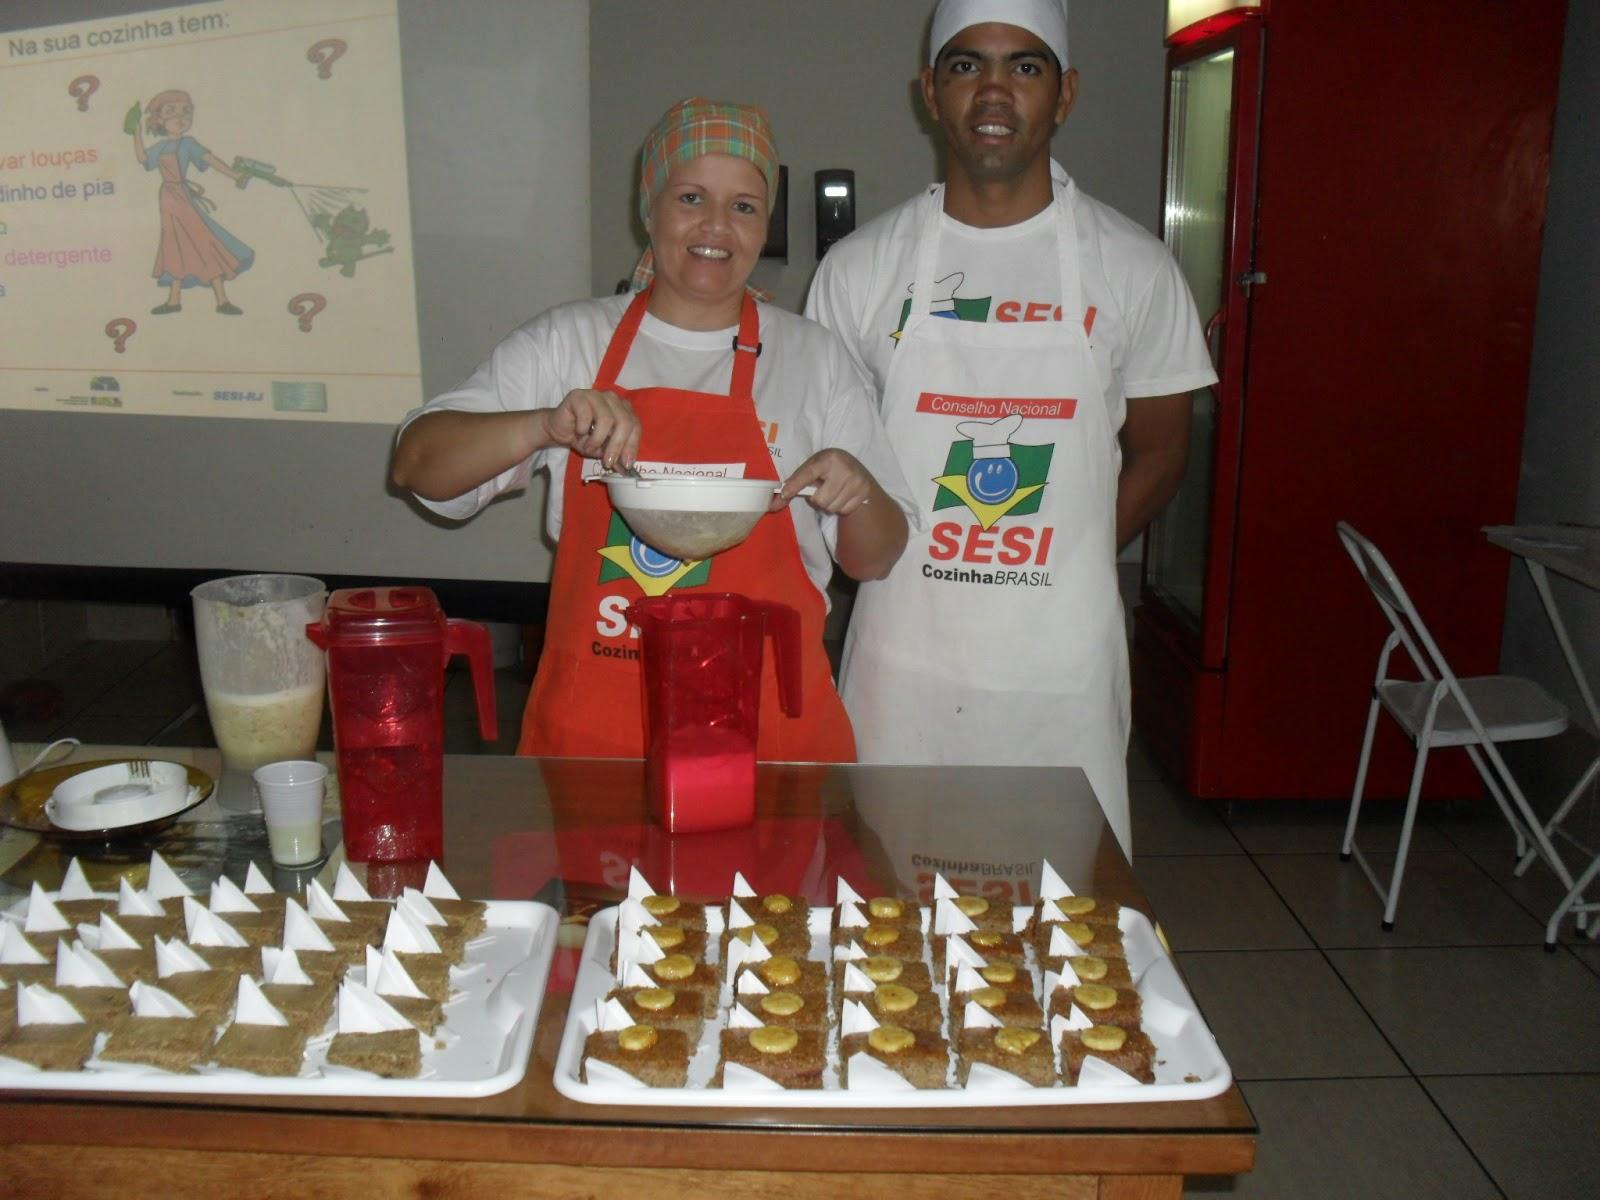 Nutricionista Aline Monteiro e o cozinheiro Edson Luiz preparando #A62B25 1600 1200